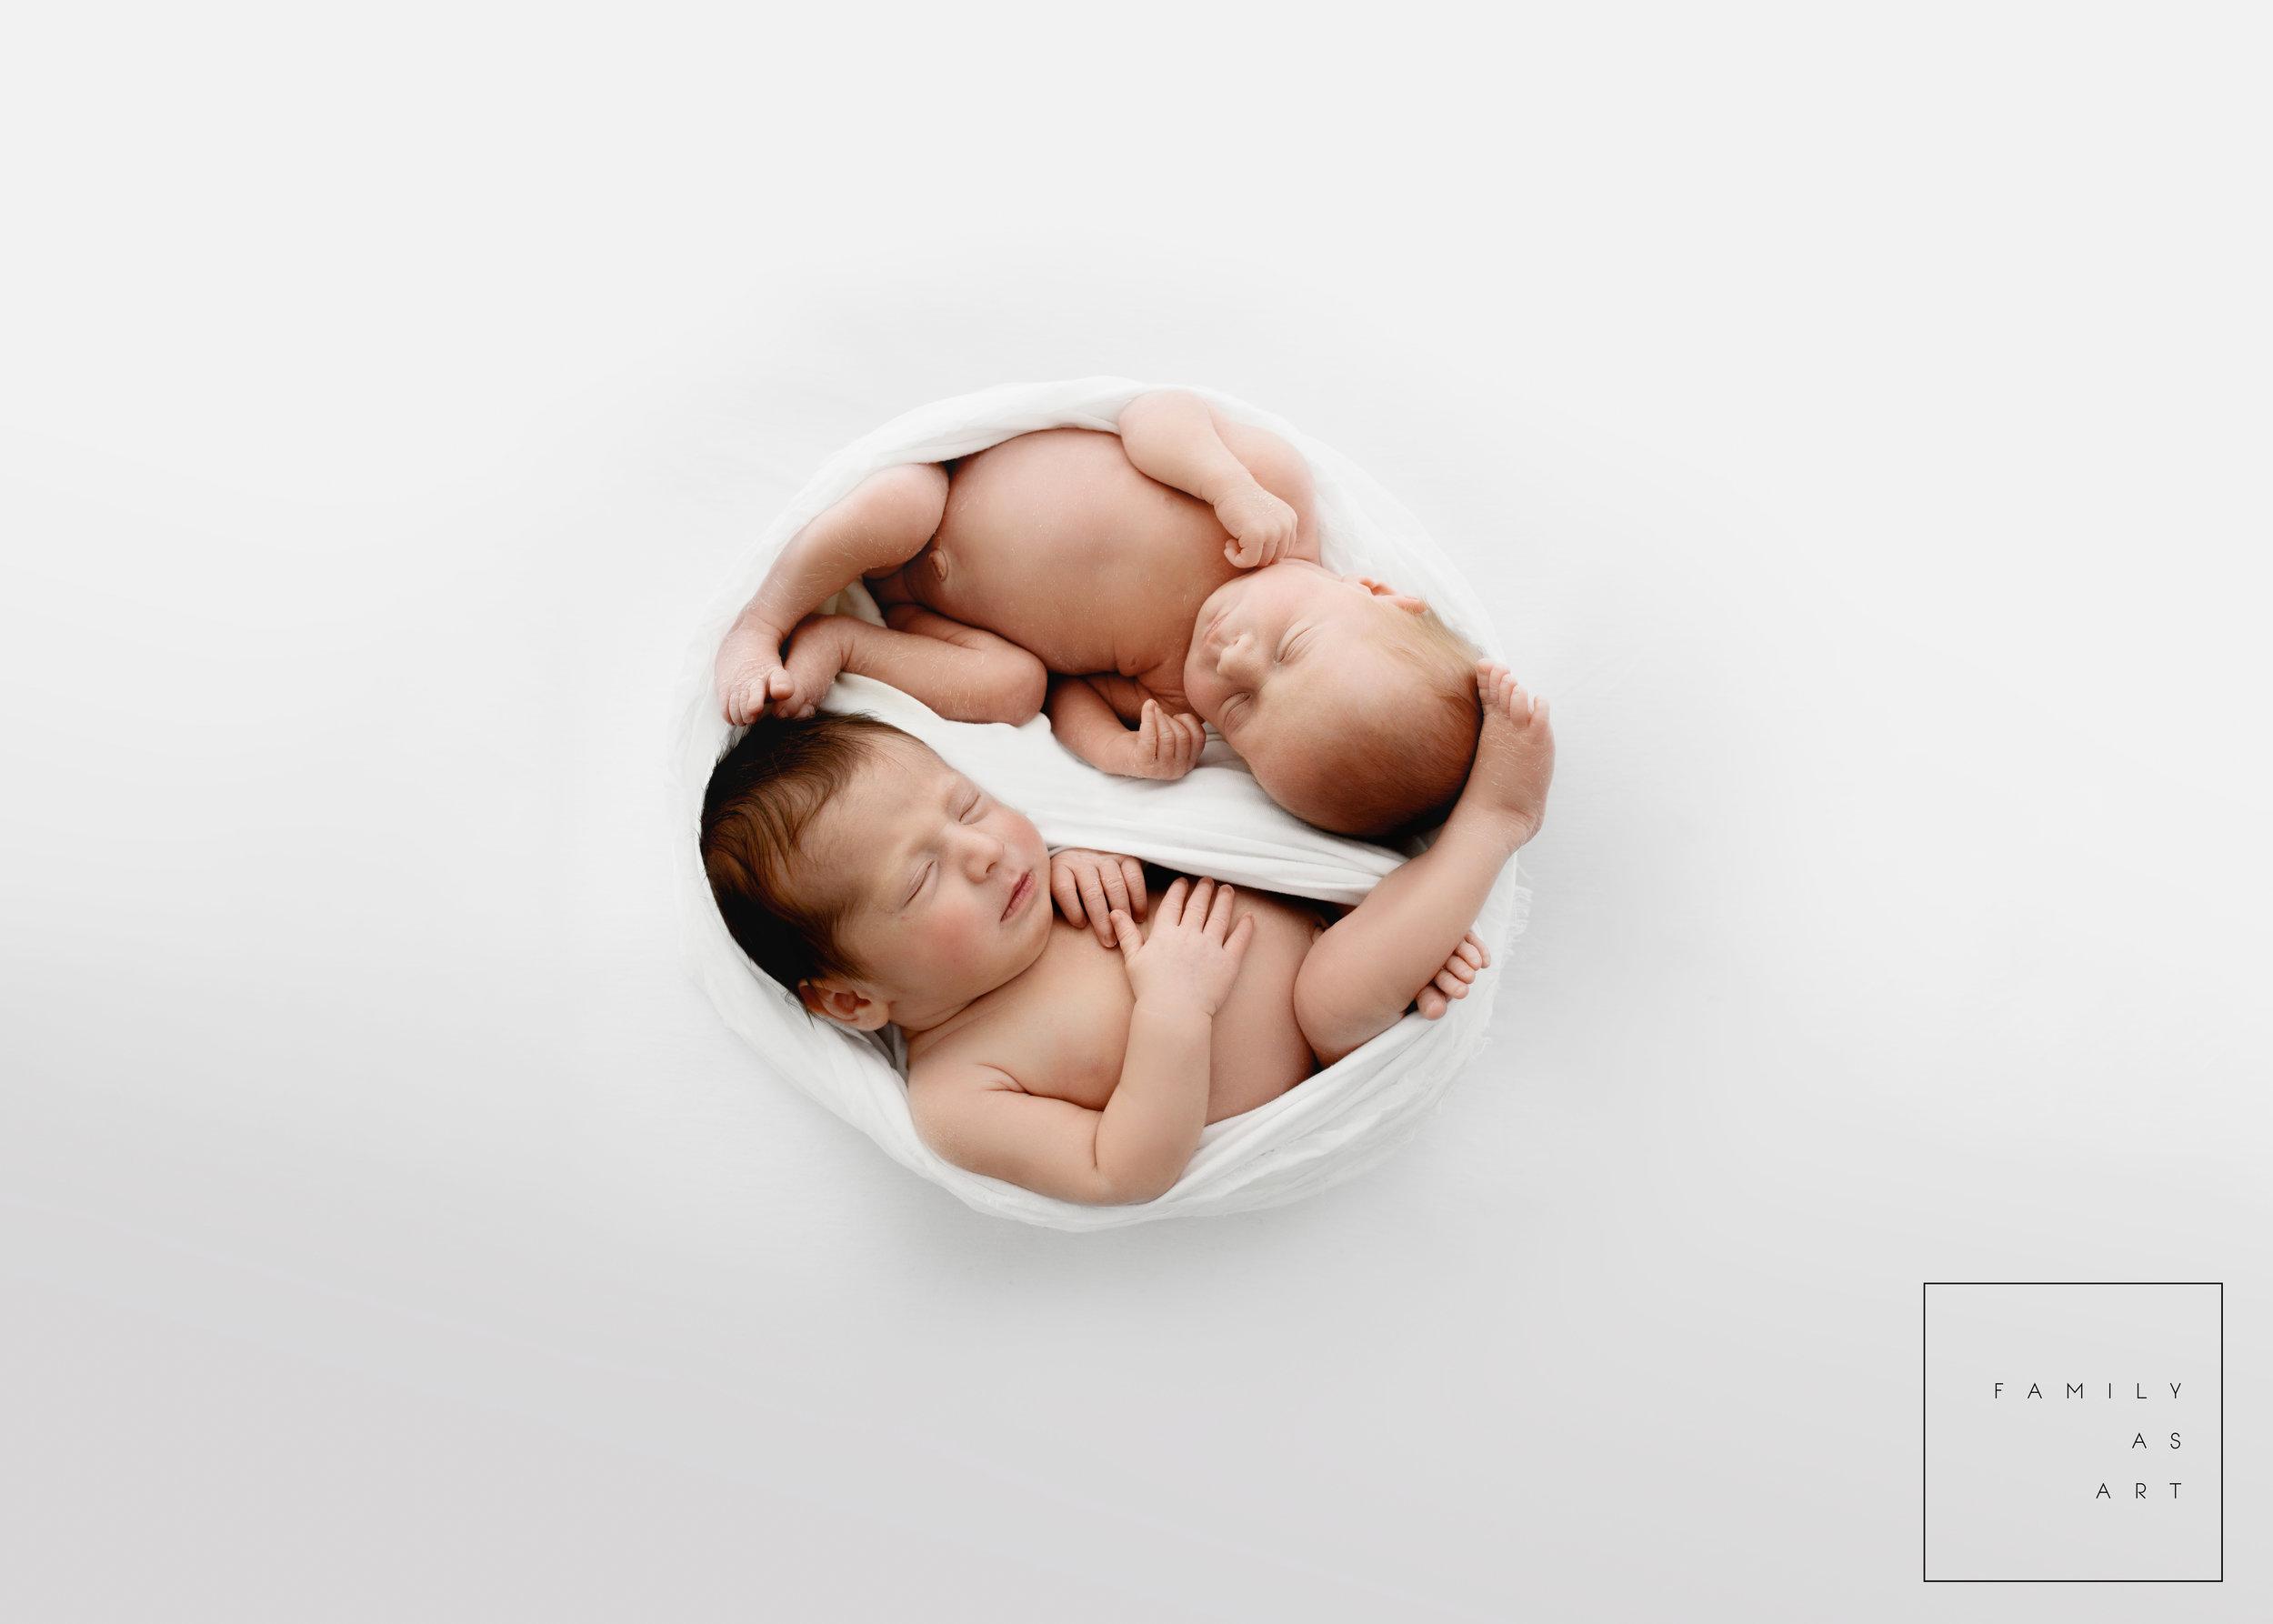 Family As Art Branding by Belinda Love Lee